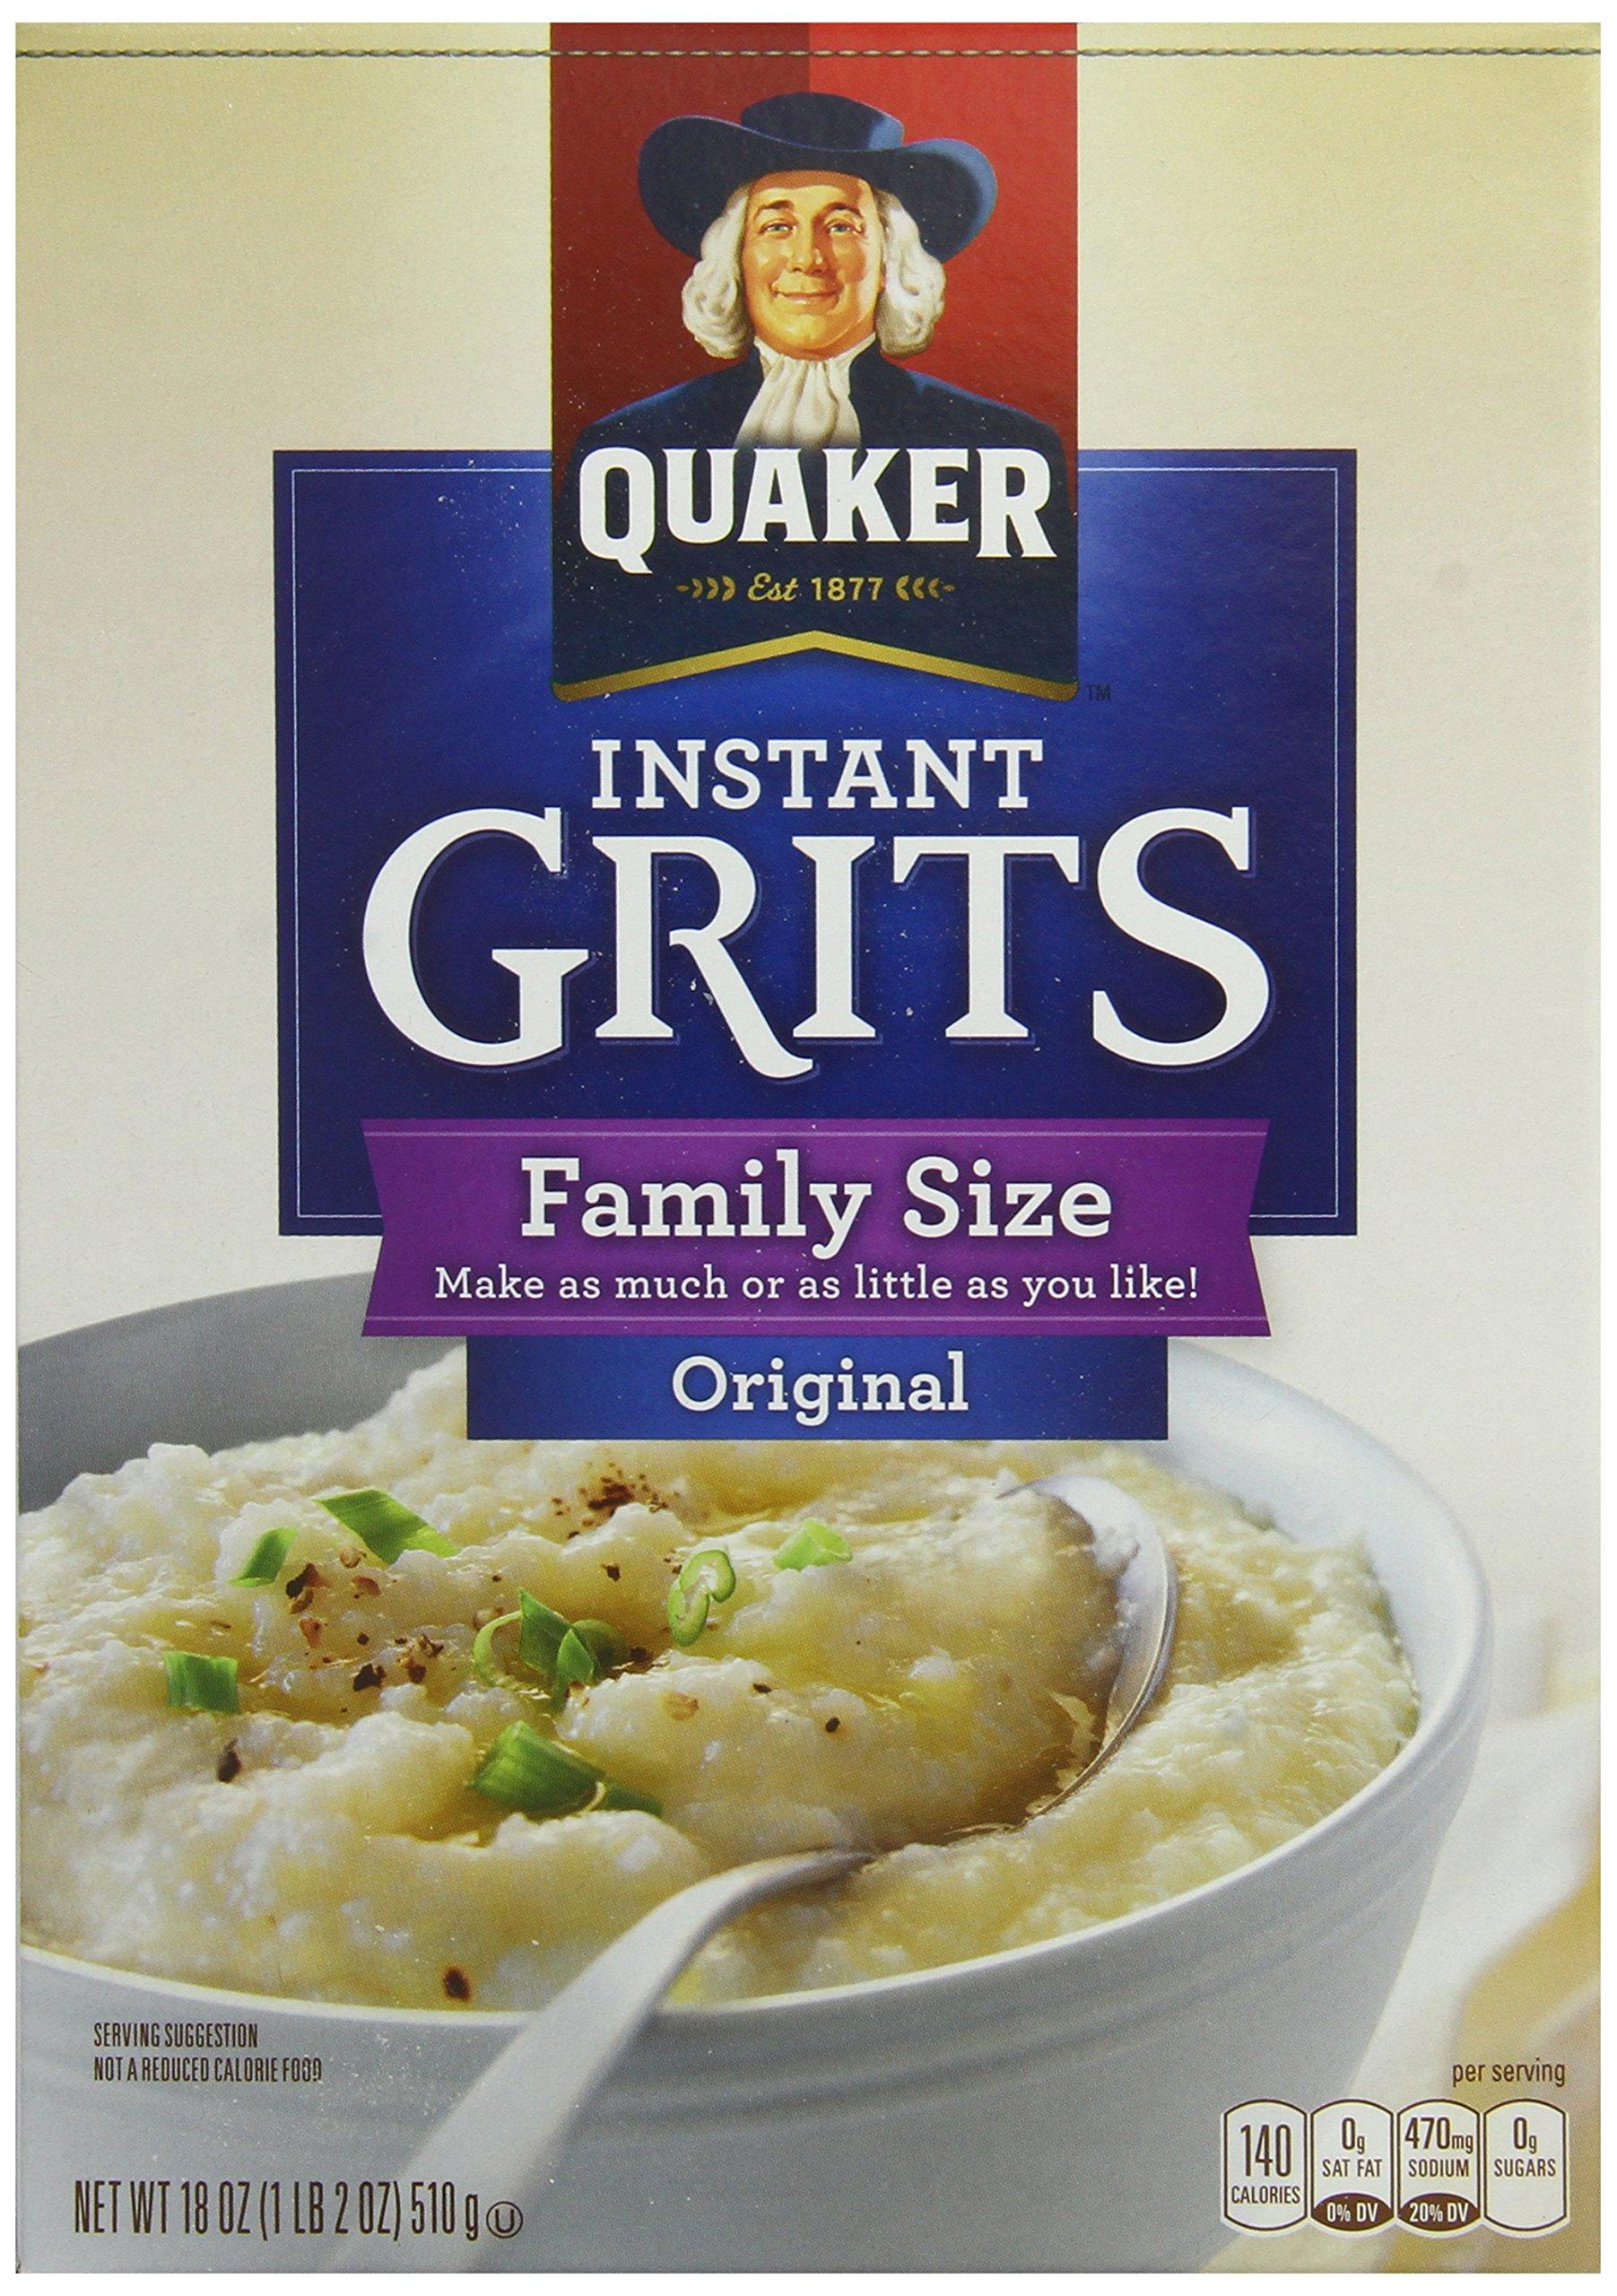 Quaker Instant Original Family Size Grits, 18 ounces